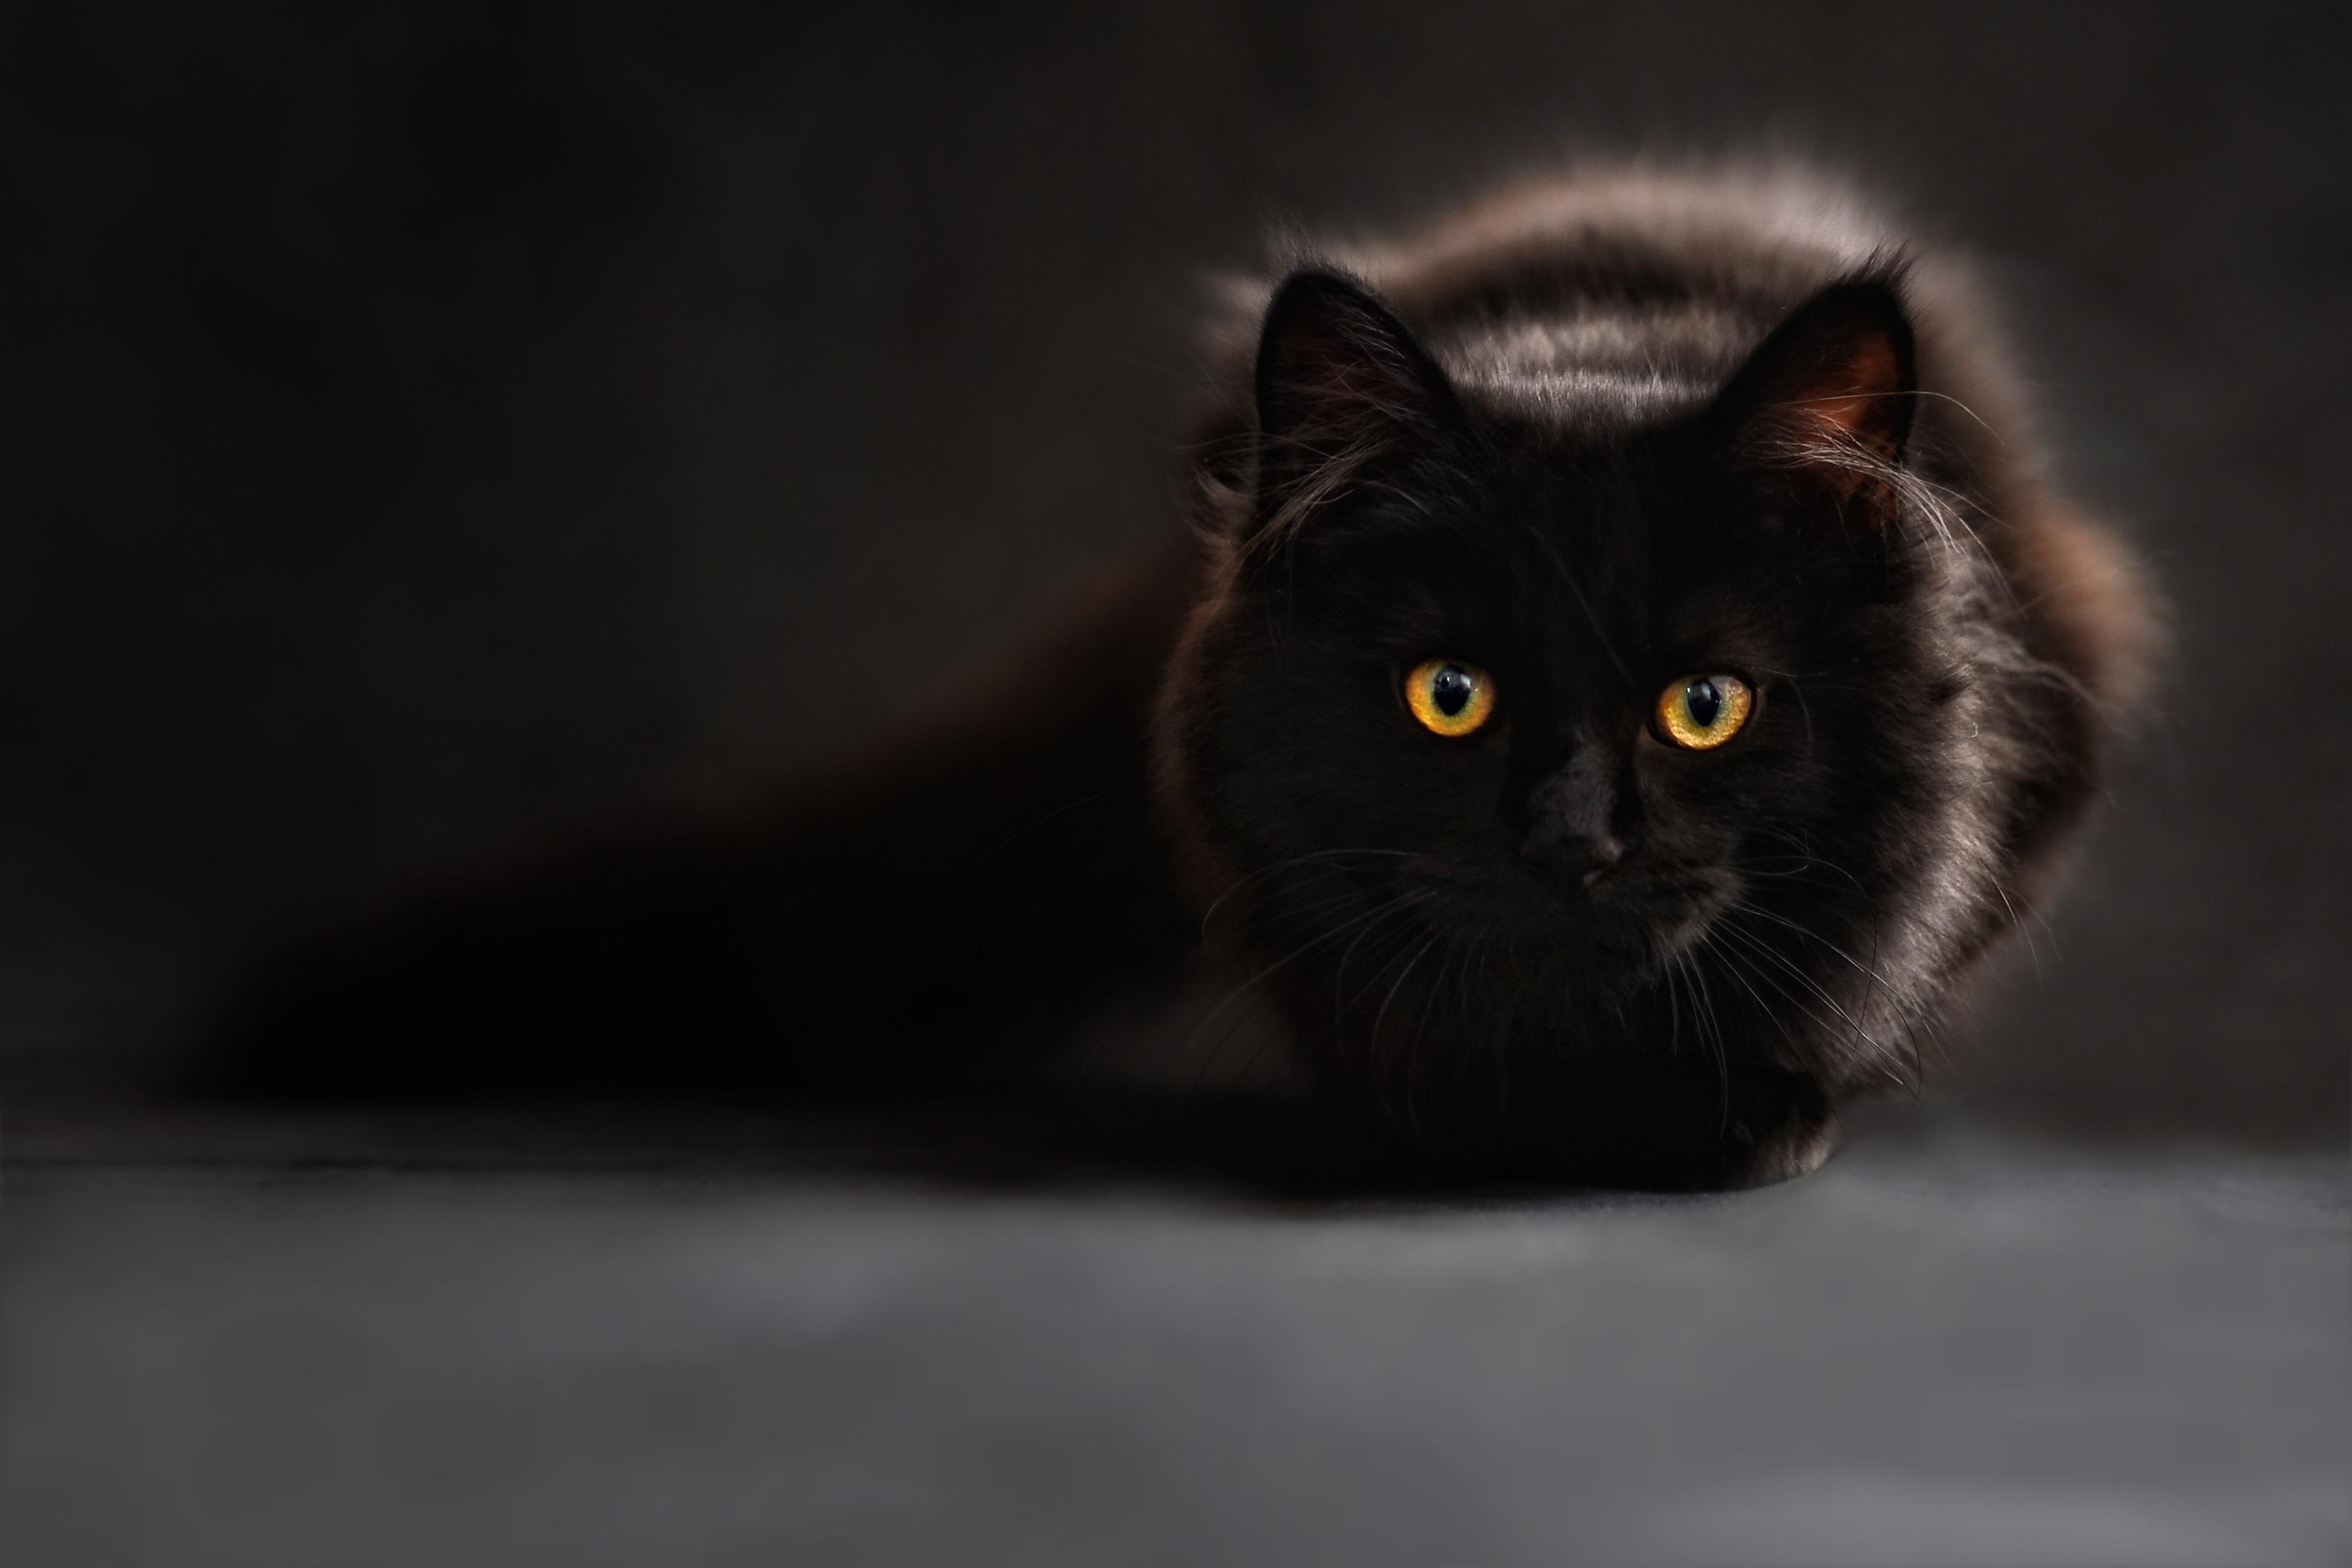 Res: 3235x2157, Katze, schwarz, Maine Coon, Augen, sieht aus